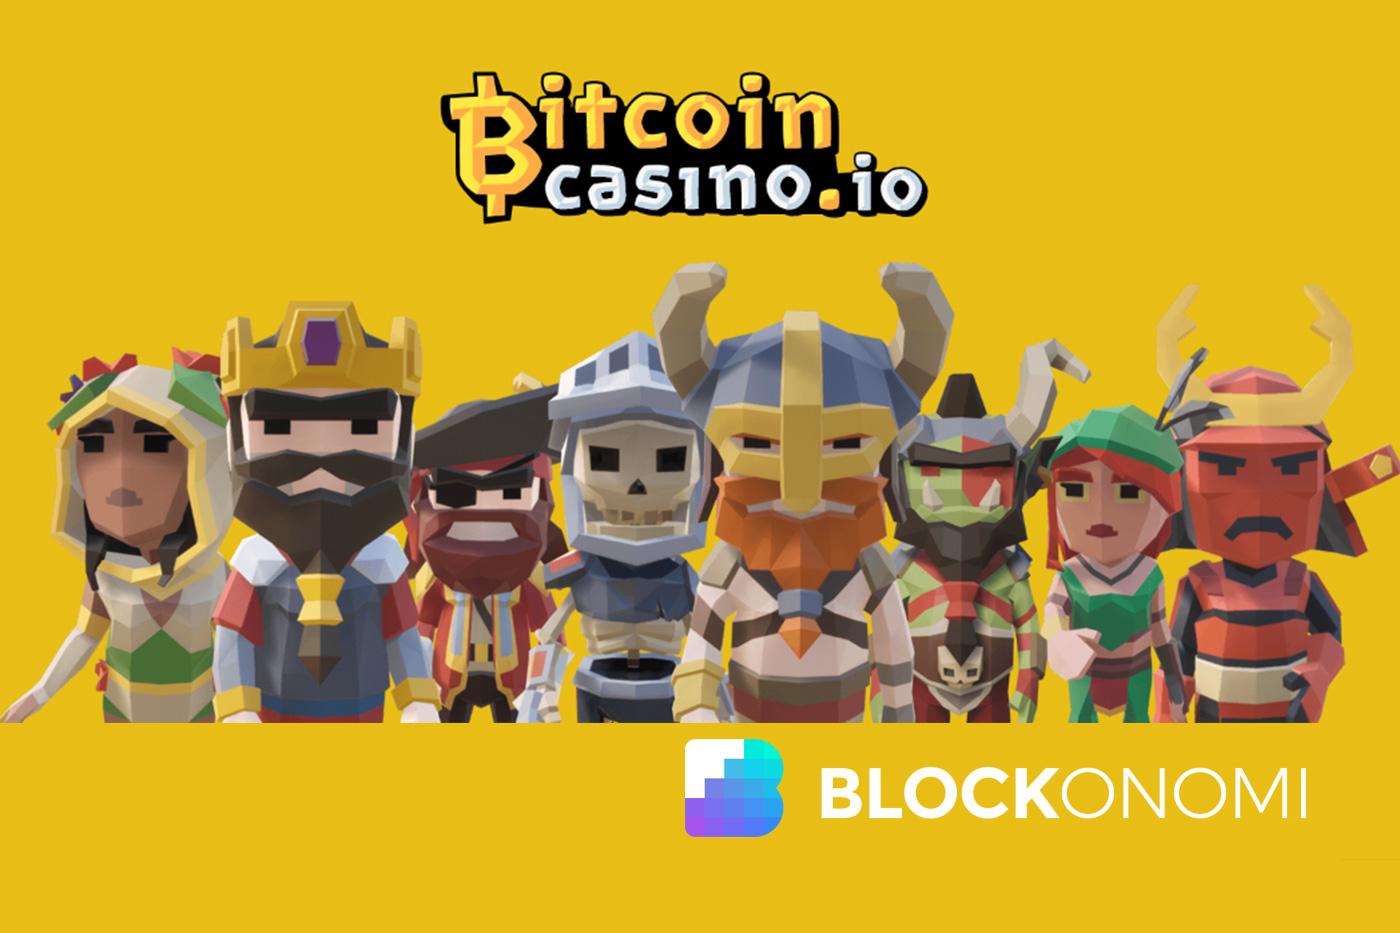 Cryptowild casino bonus codes